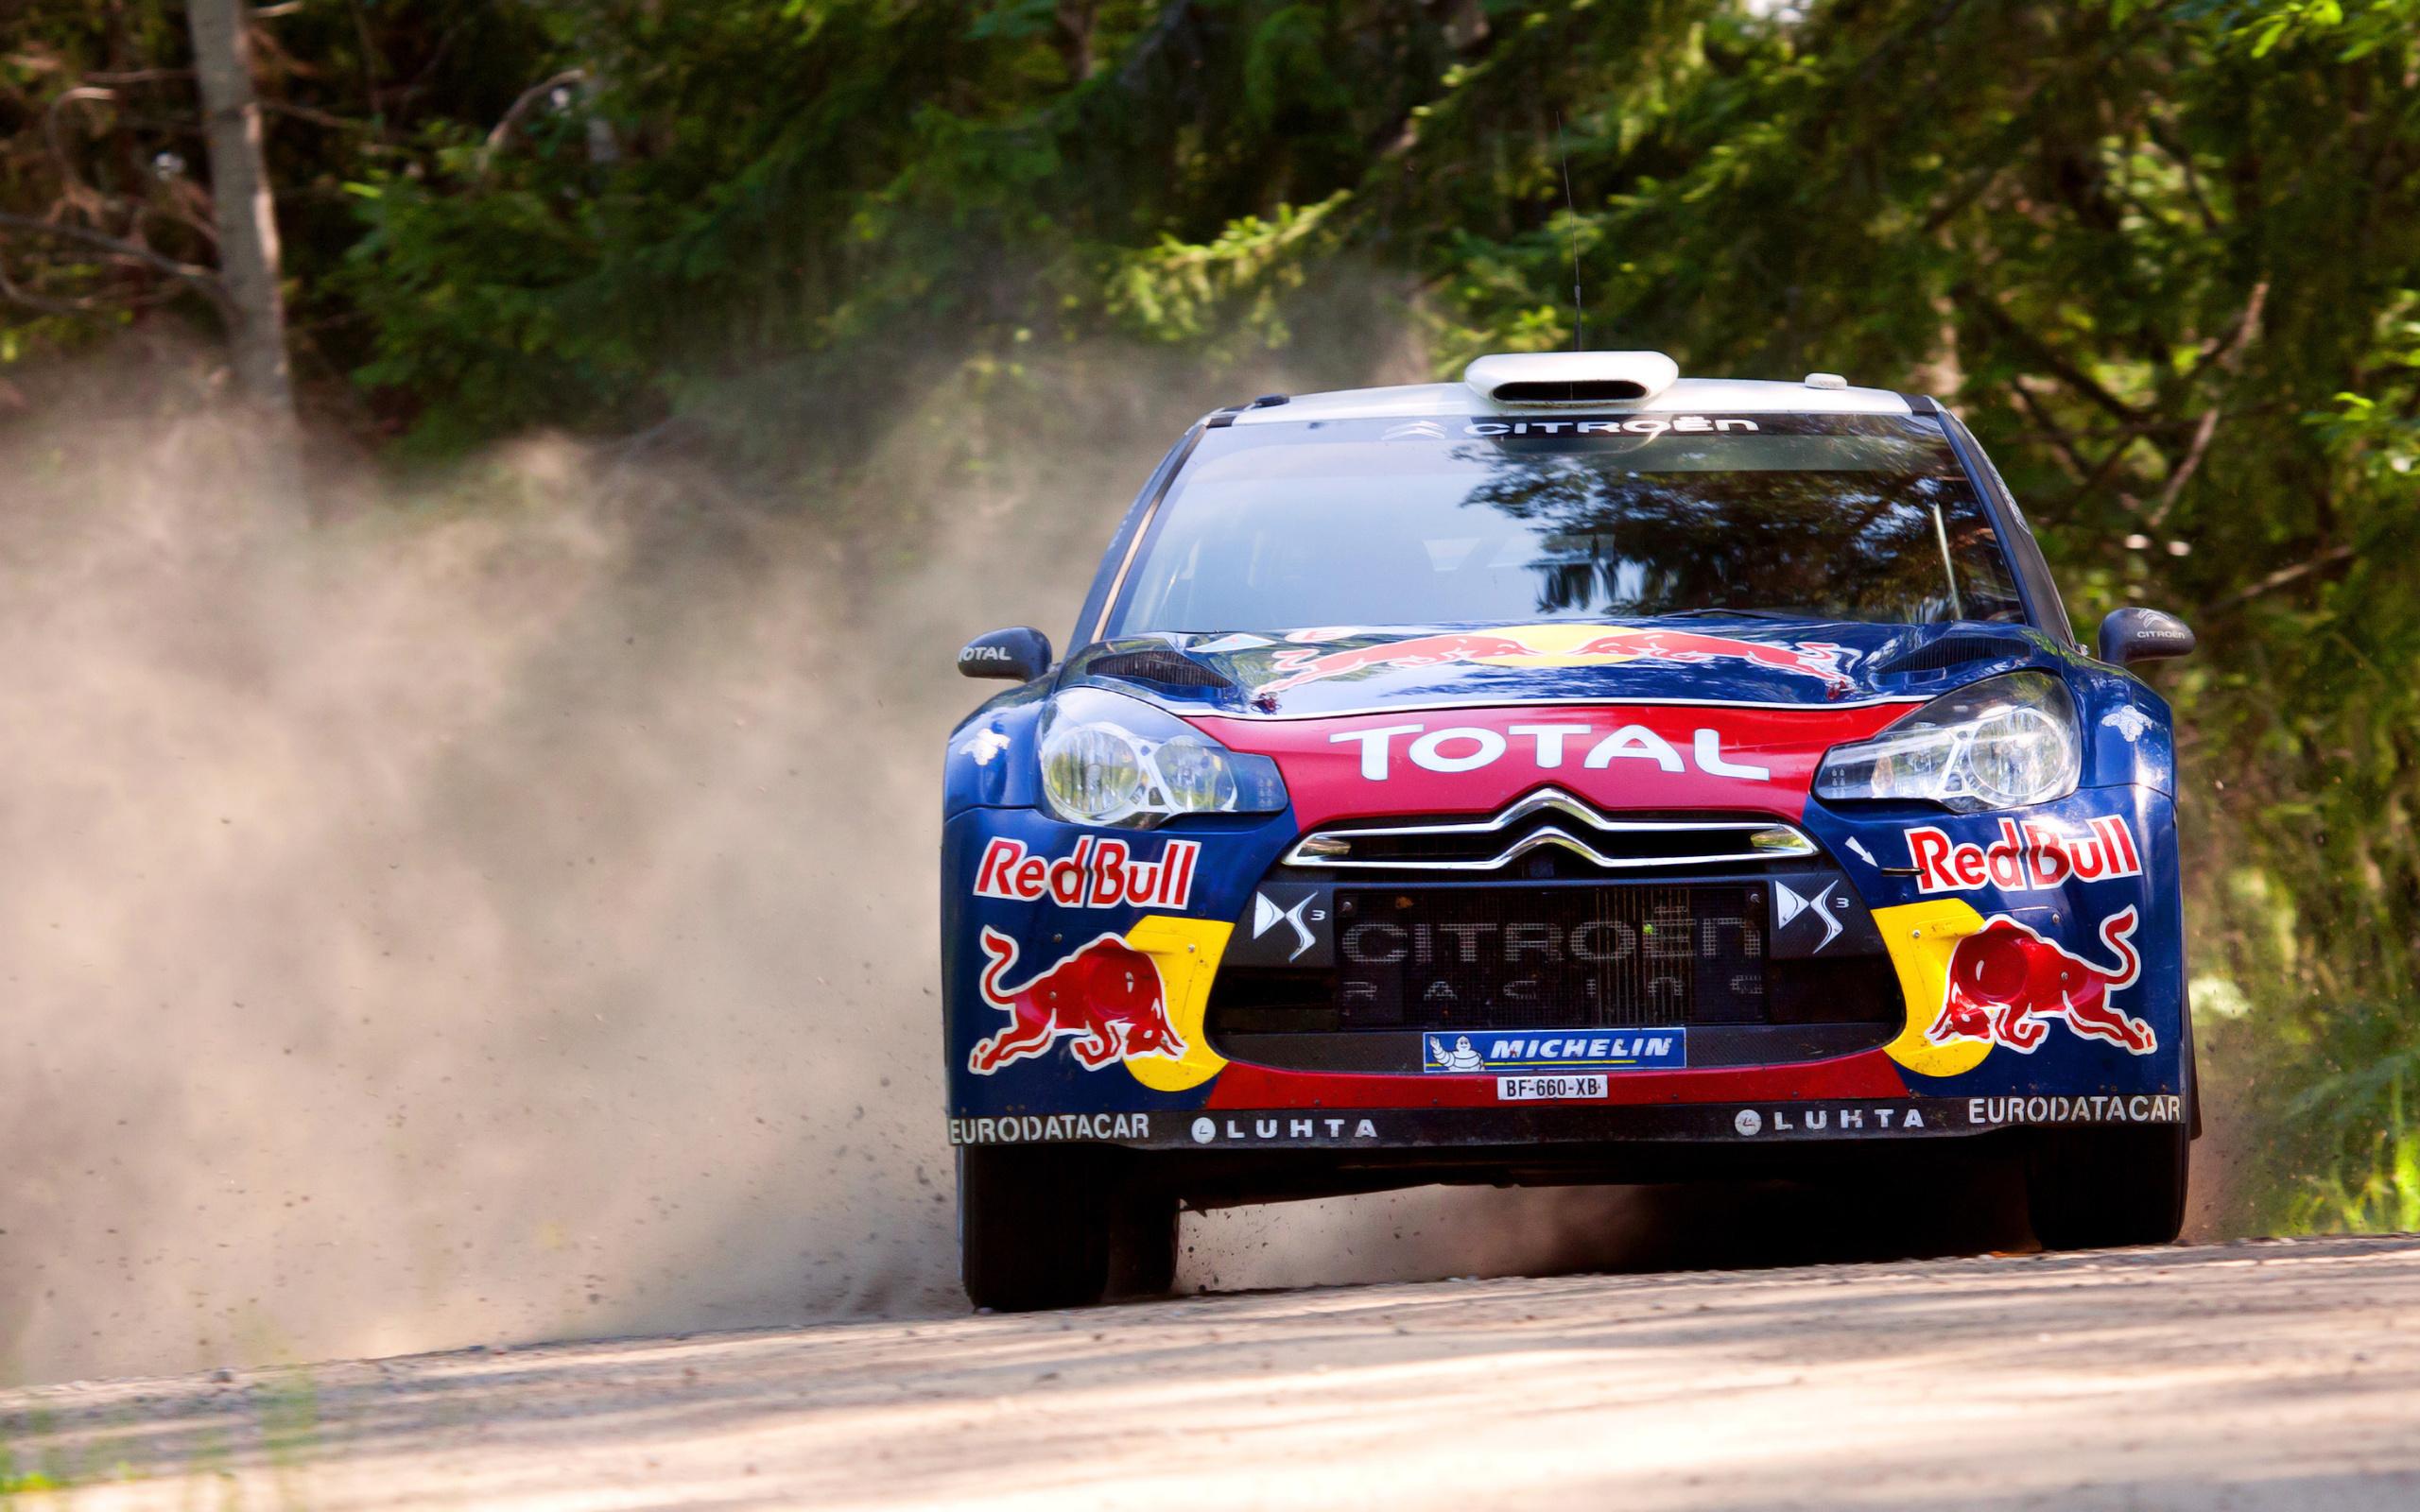 машина, rally, спорт, ситроен, ралли, wrc, Citroen, ds3, авто